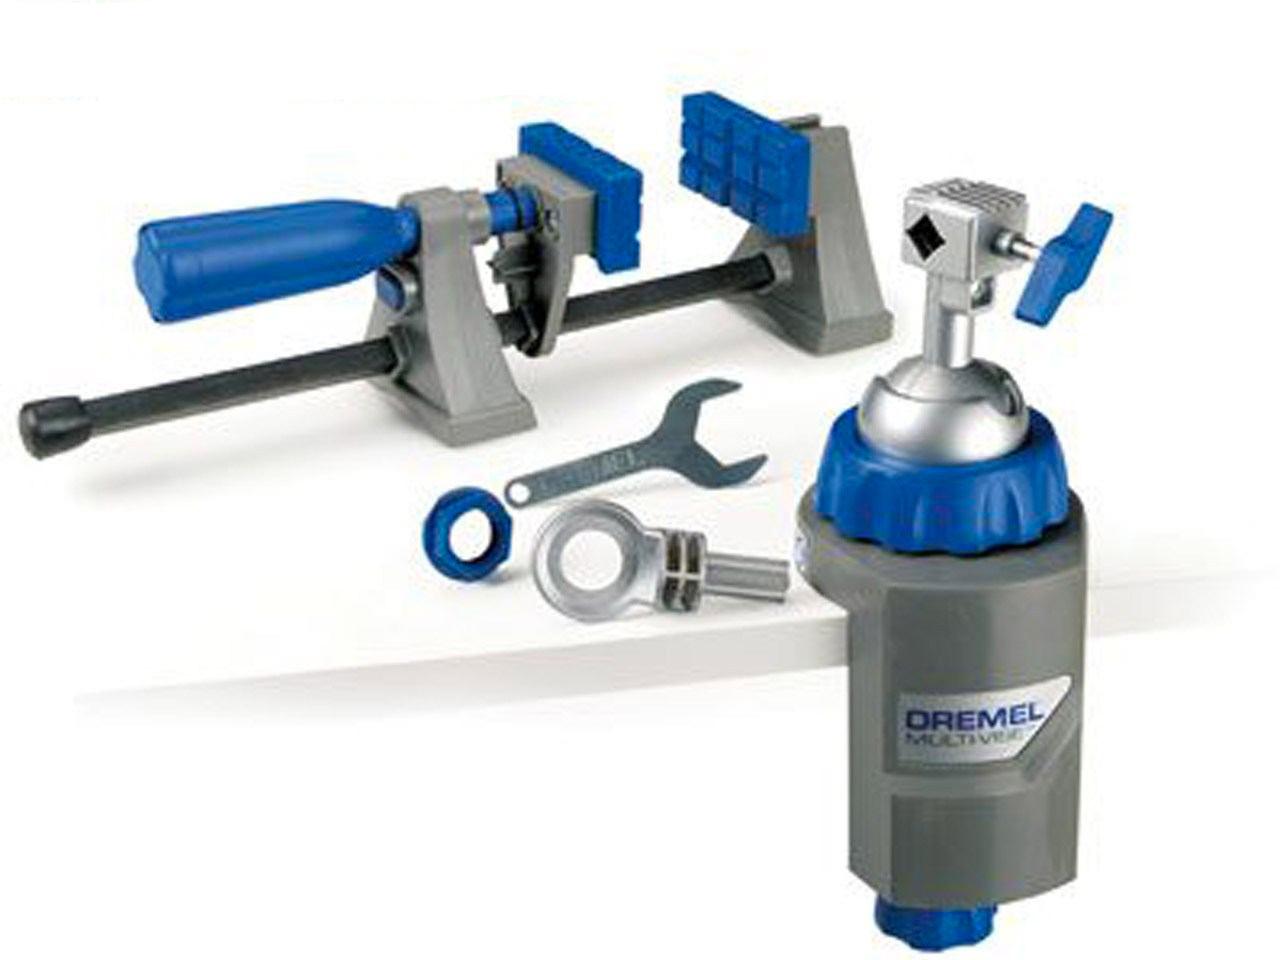 porte outils serre-joint Dremel Etau Multi-Vise outil 3-en-1 étau stationnaire